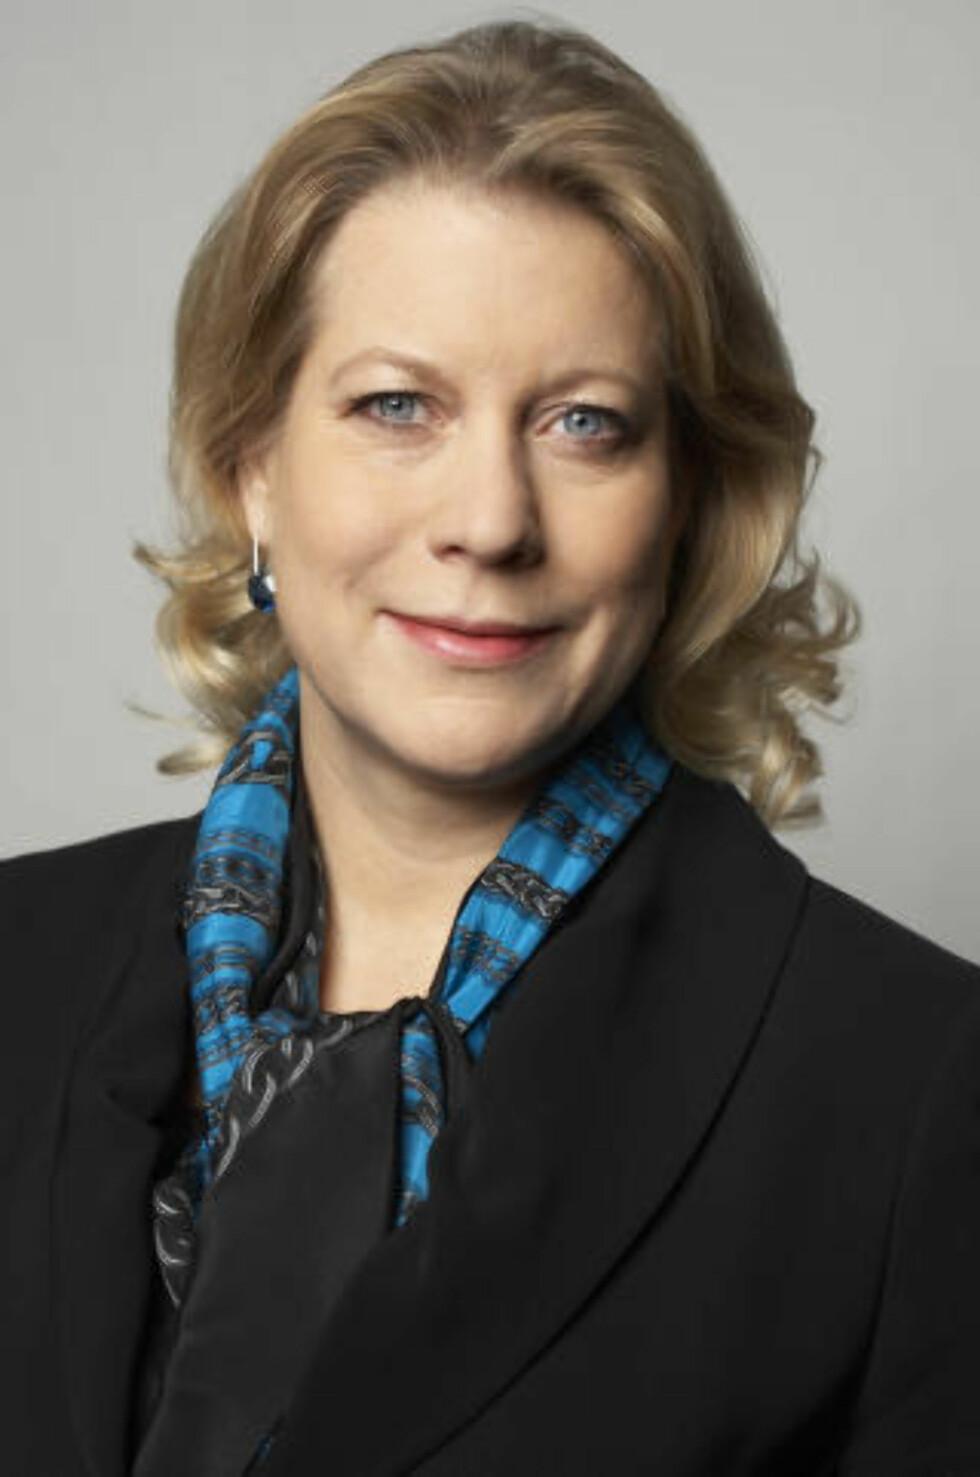 <strong>ØKONOMISK GEVINST:</strong> Catharina Elmsäter-Svärd, svensk infrastrukturminister, ser framtidsmuligheter for svensk økonomi i selvkjørende biler. (Foto: VOLVO)